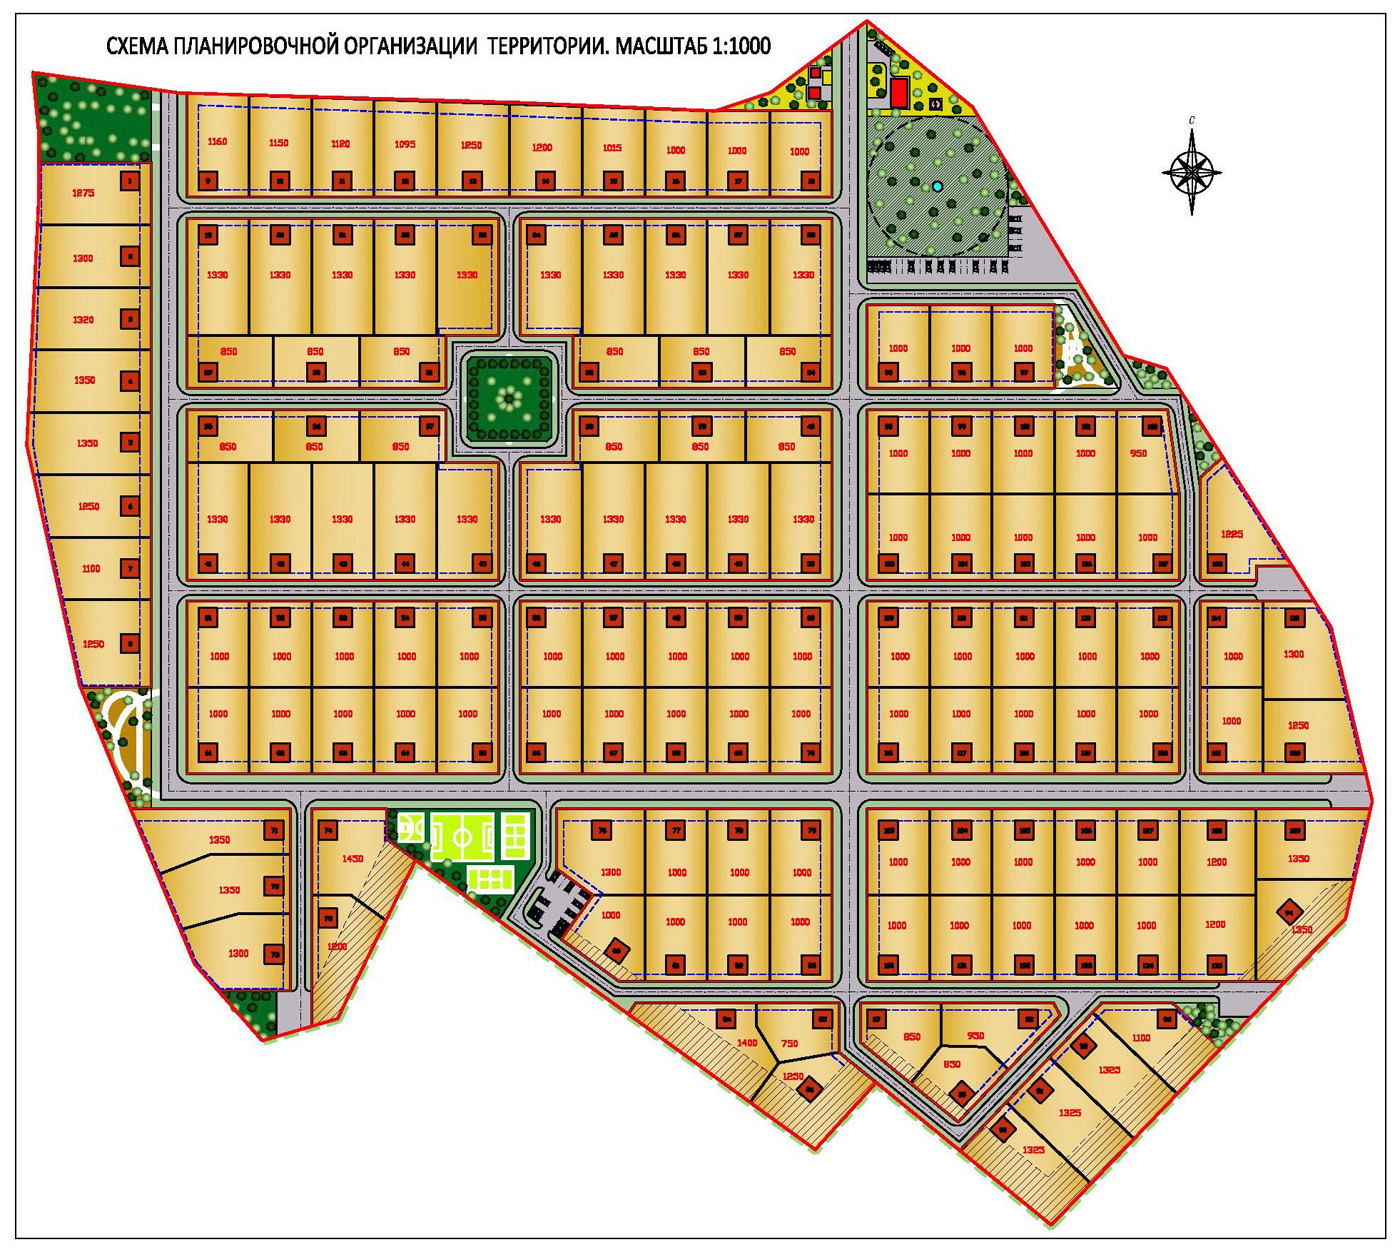 Планировка коттеджного поселка /20 га, вариант-II, этап согласования/